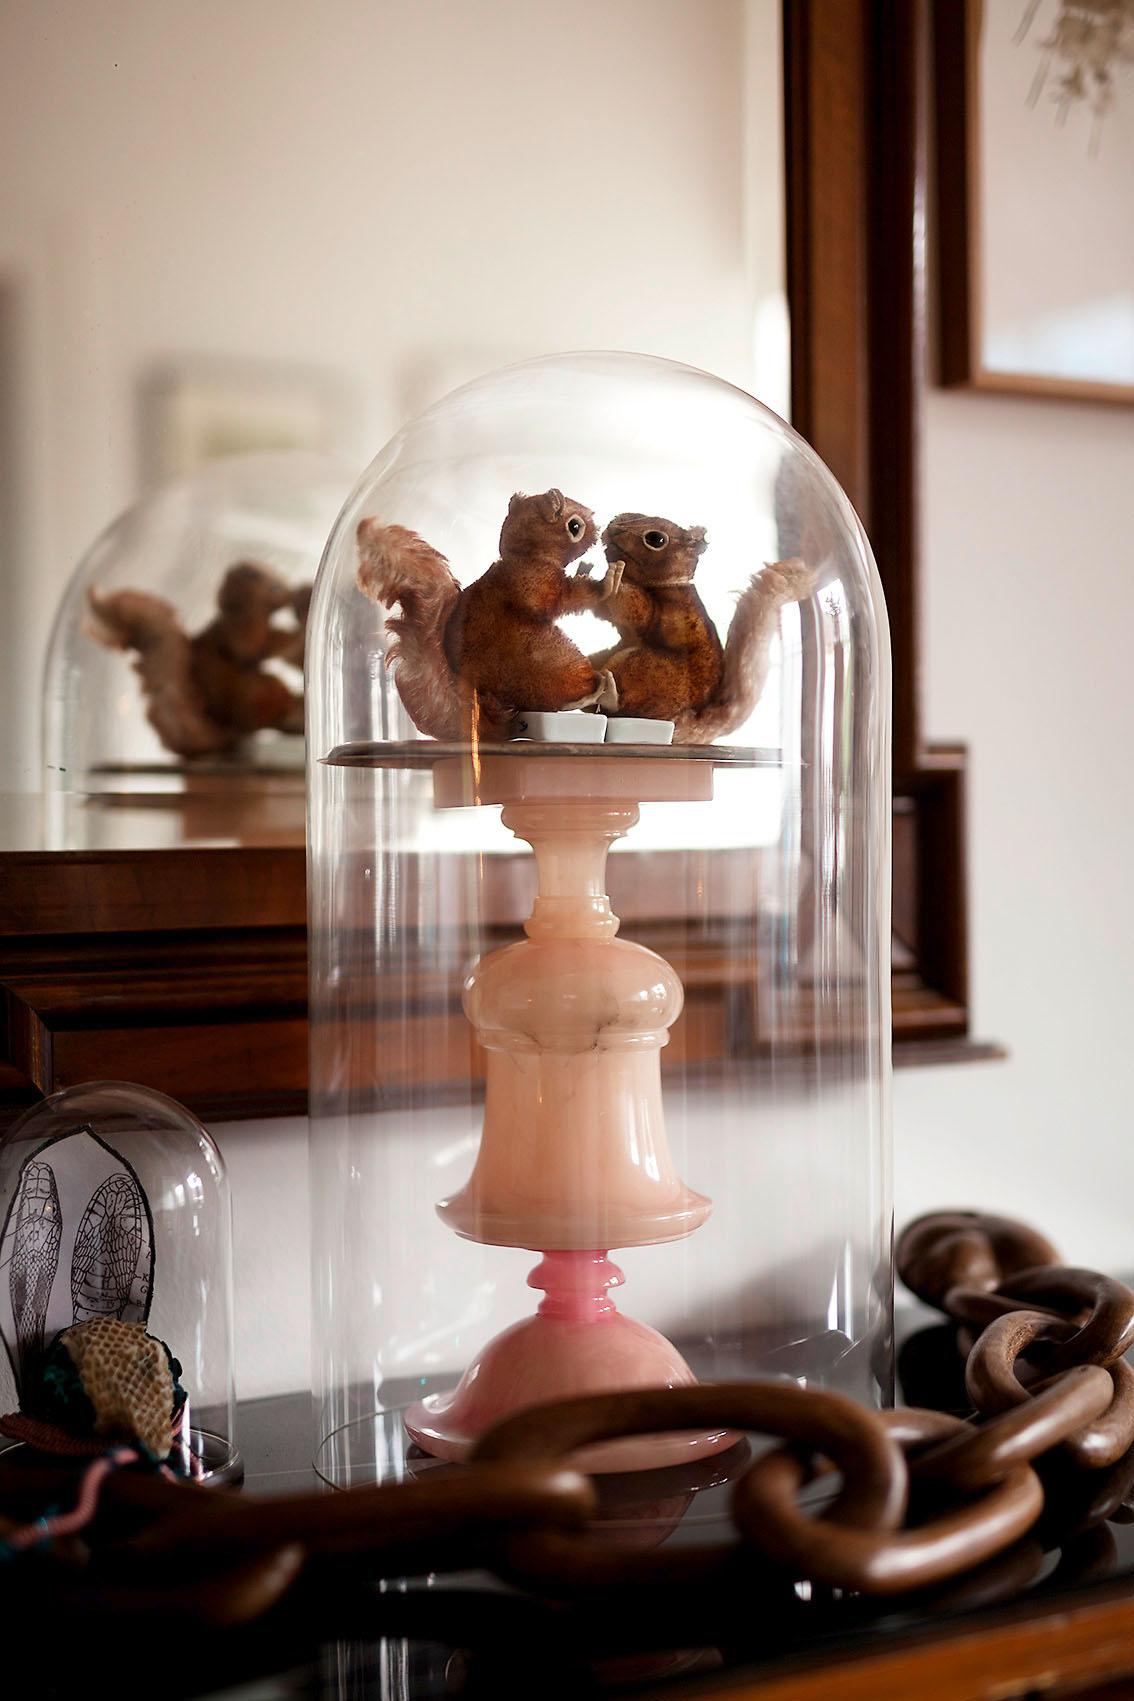 """""""A & B"""" aus """"Endemisches Kollegium"""", 2016, 45 x 24 x 24 cm, Eichhörnchen der Fa. Steiff aus den 60er Jahren, Porzellan, Tablett versilbert, Halbedelstein, Glasdom"""